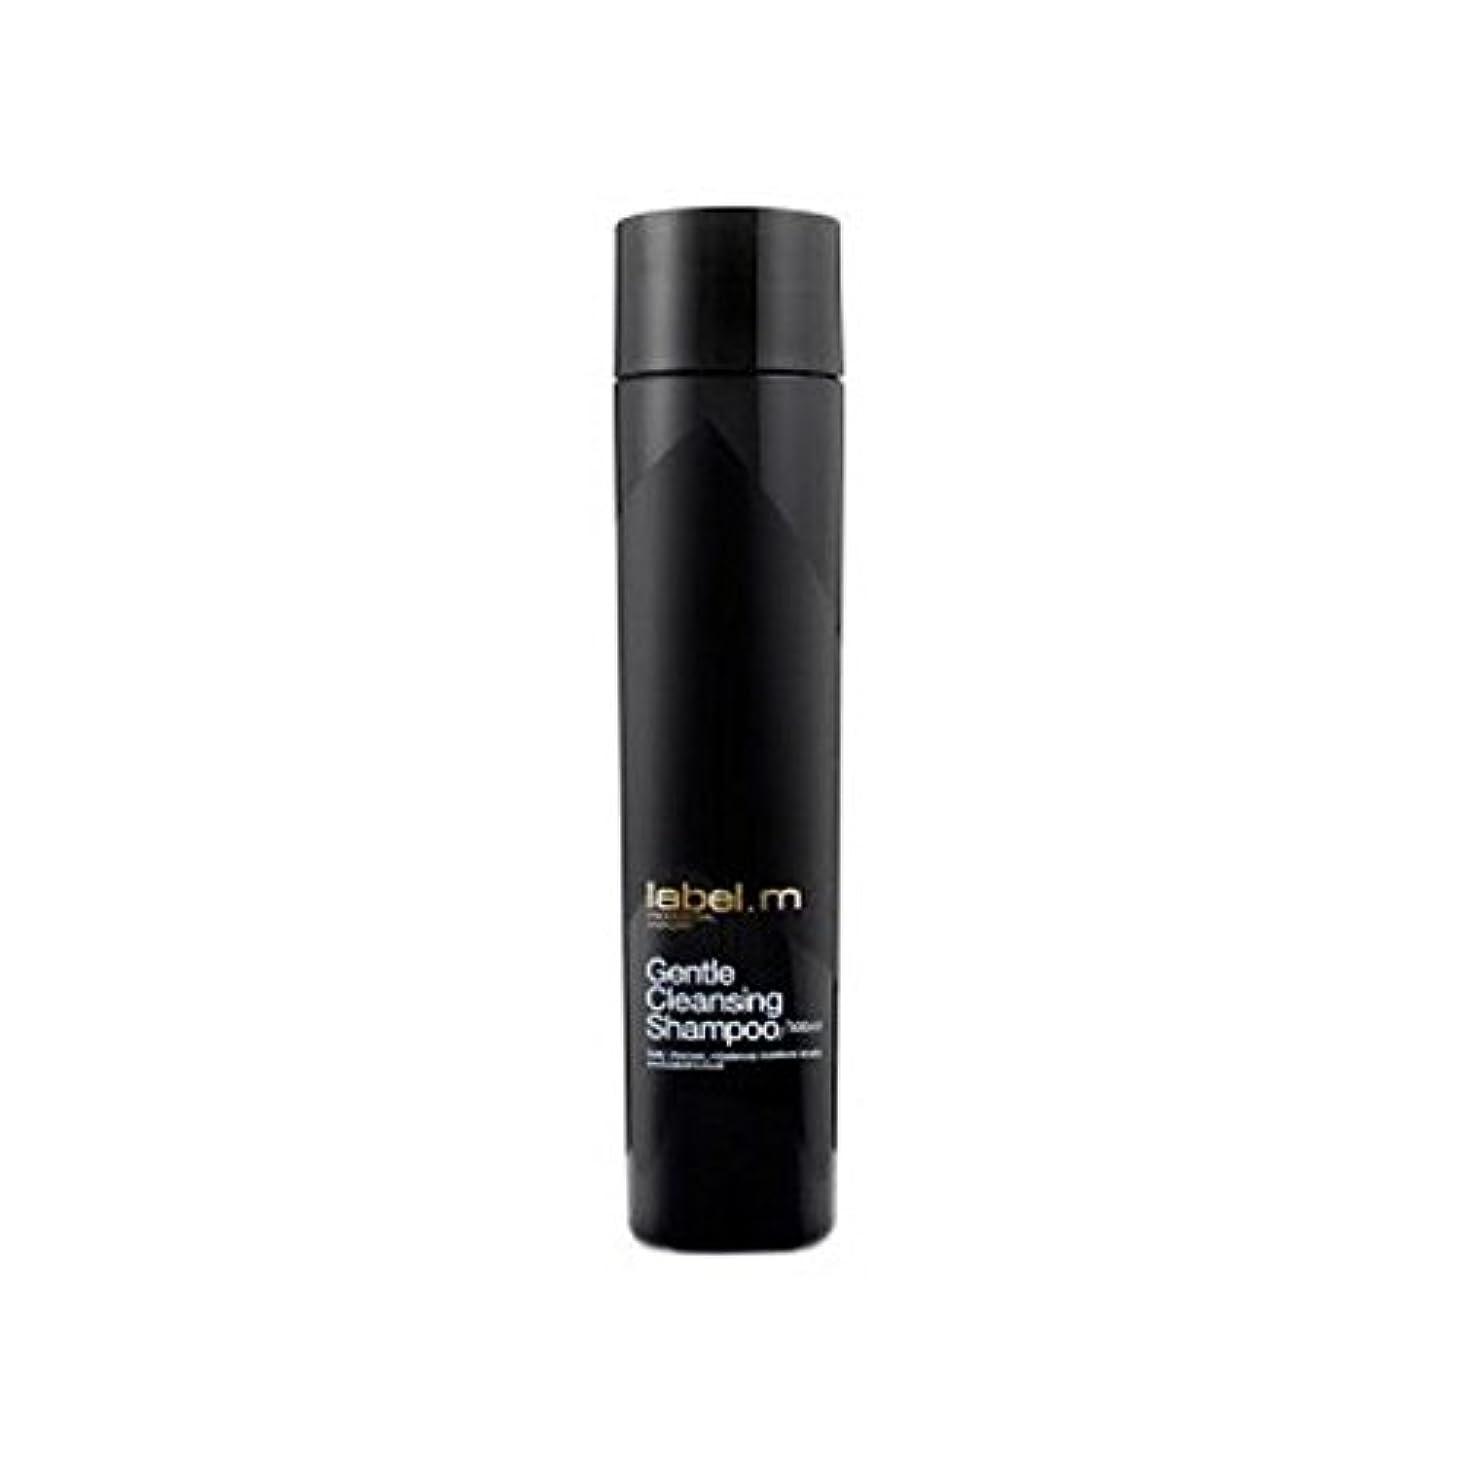 欺ピストン未知の.優しいクレンジングシャンプー(300ミリリットル) x2 - Label.M Gentle Cleansing Shampoo (300ml) (Pack of 2) [並行輸入品]